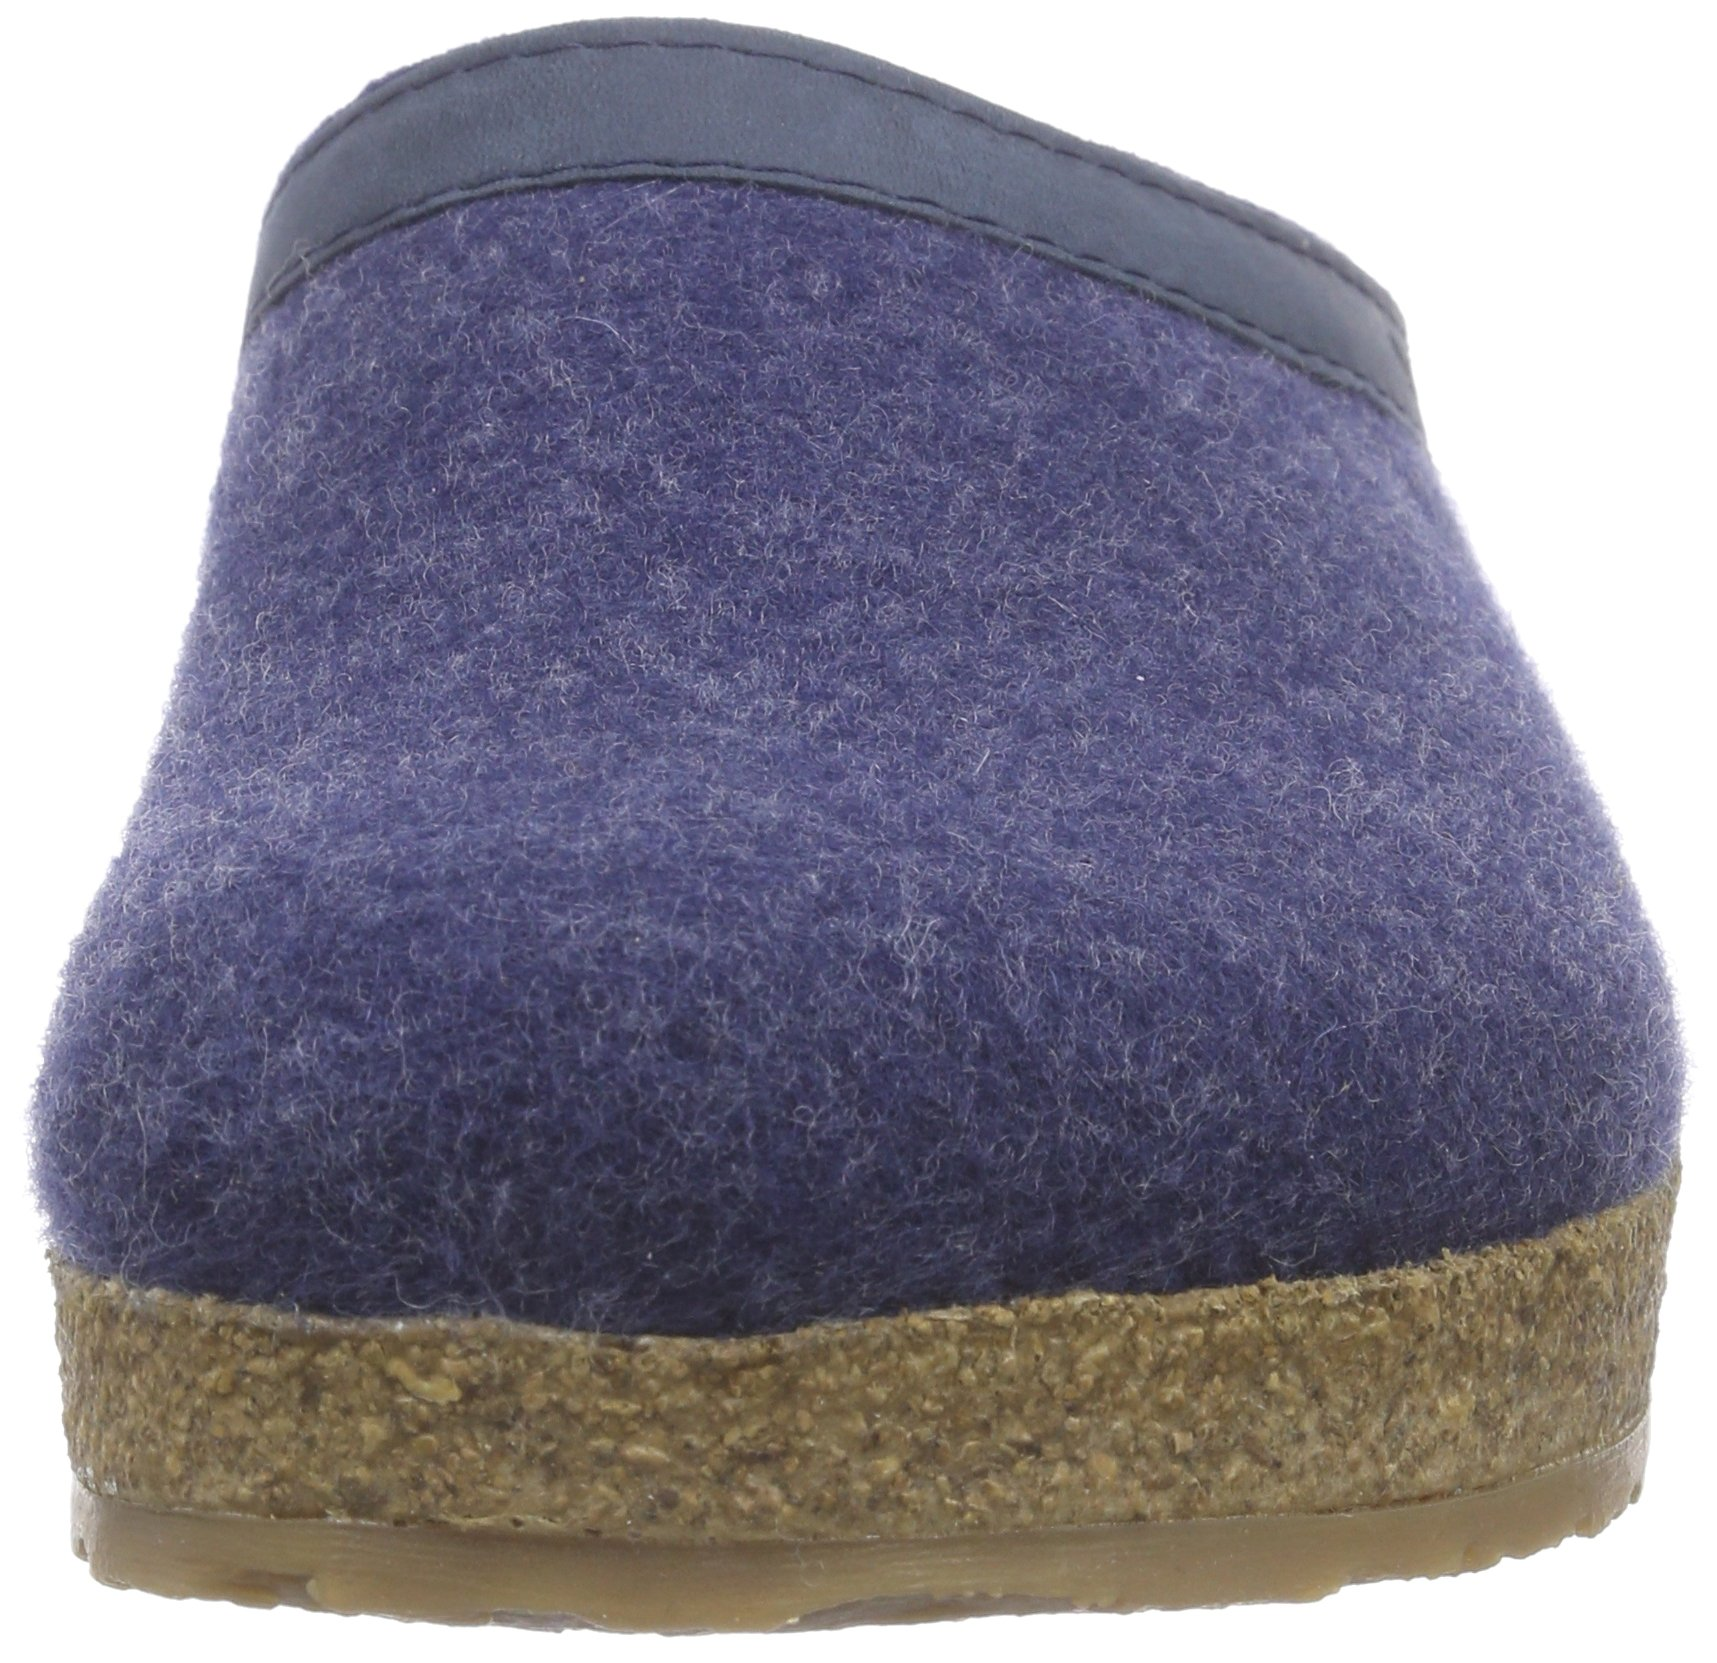 Haflinger 713001 Slippers, Filztoffel Grizzly Torben, Jeans, Gr 50 by Haflinger (Image #4)